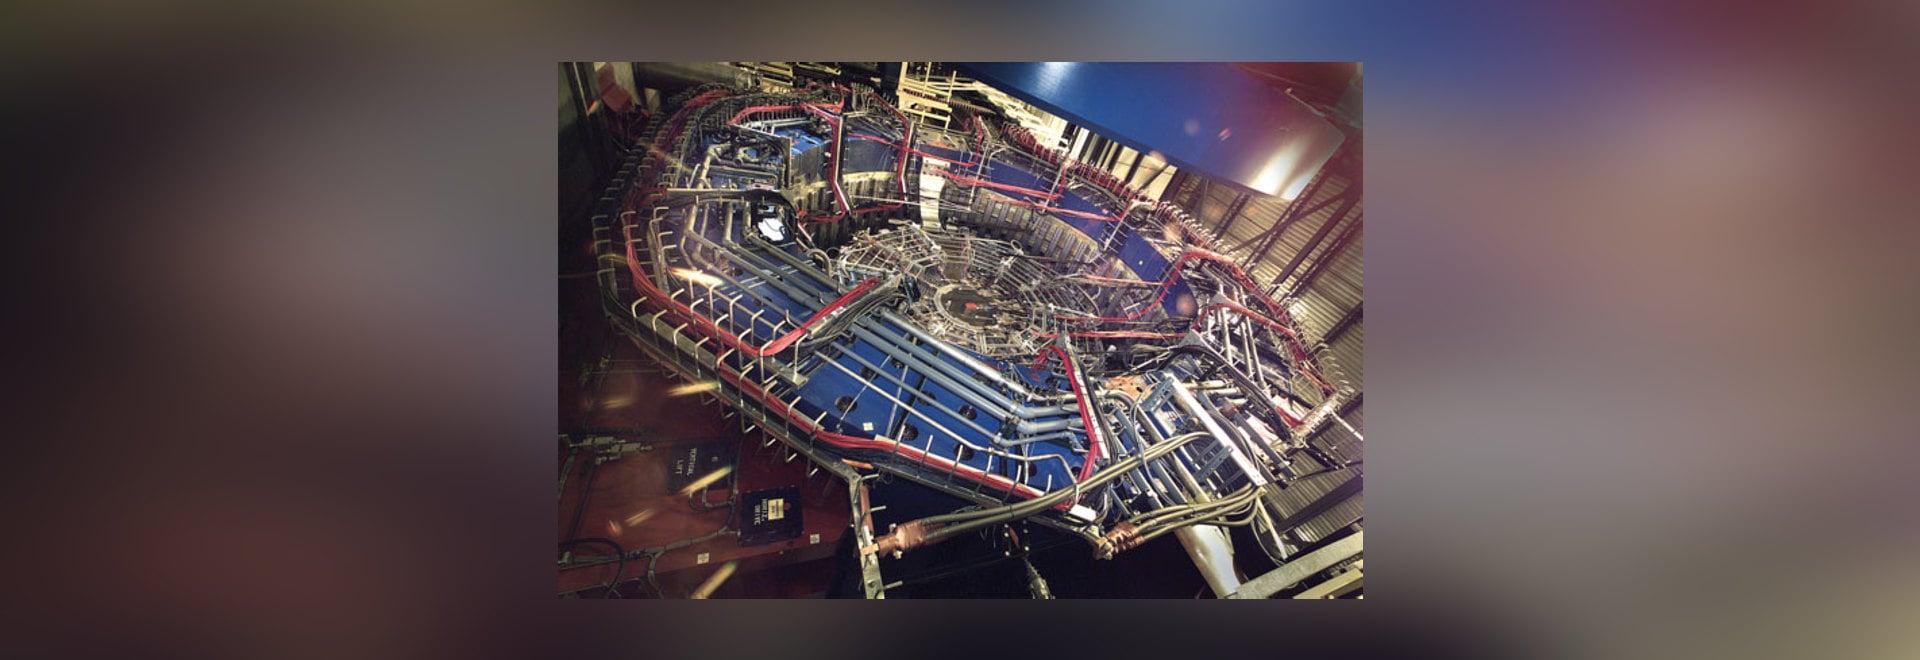 El detector de la ESTRELLA es parte del Collider pesado relativista del ion (RHIC) situado en el laboratorio nacional de Brookhaven. (Cortesía del laboratorio nacional de Brookhaven)